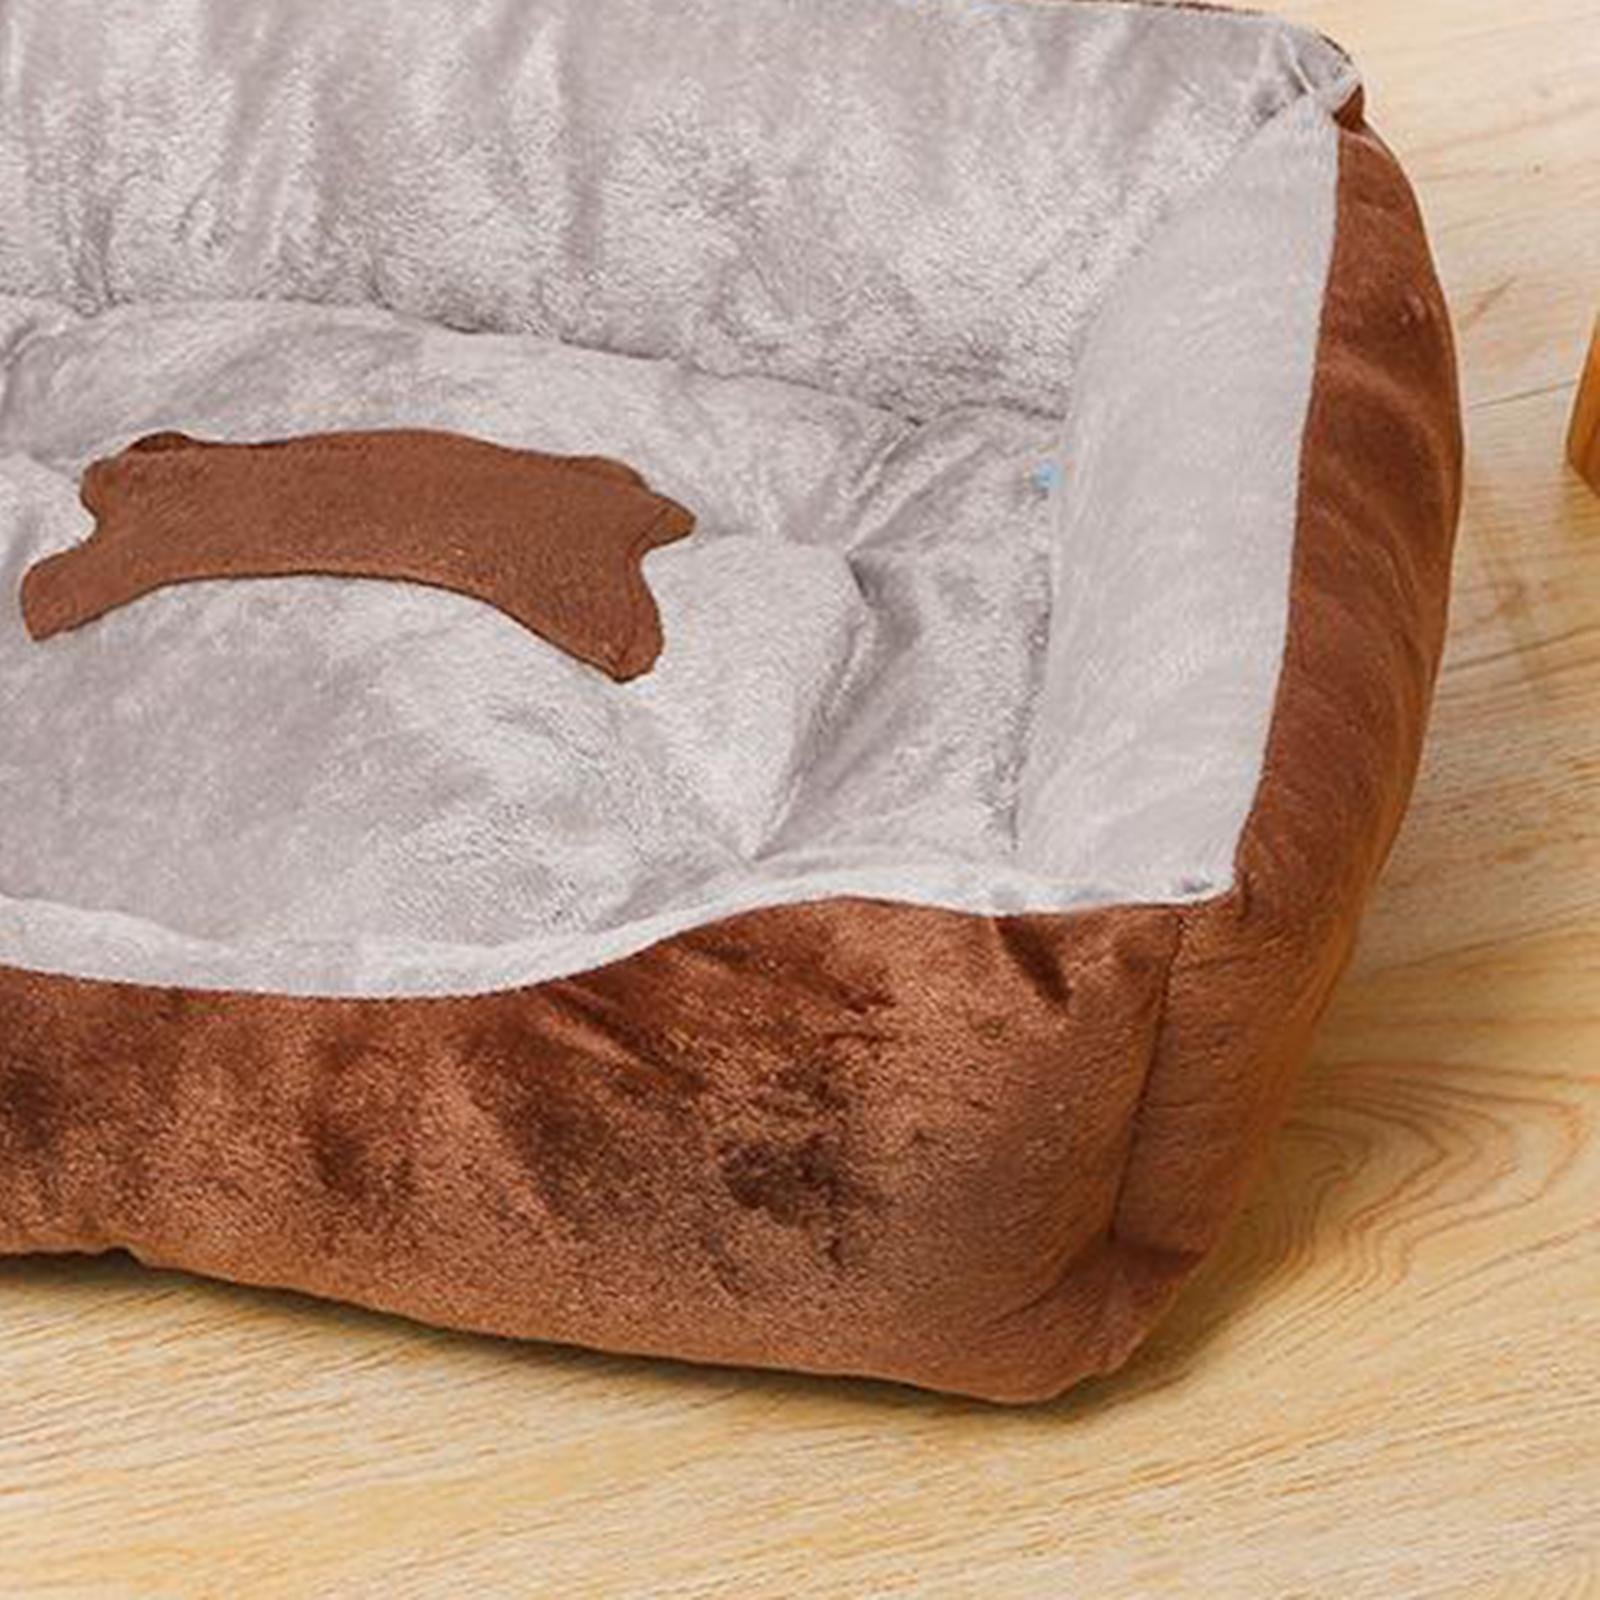 Indexbild 48 - Katze-Hund-Bett-Pet-Kissen-Betten-Haus-Schlaf-Soft-Warmen-Zwinger-Decke-Nest